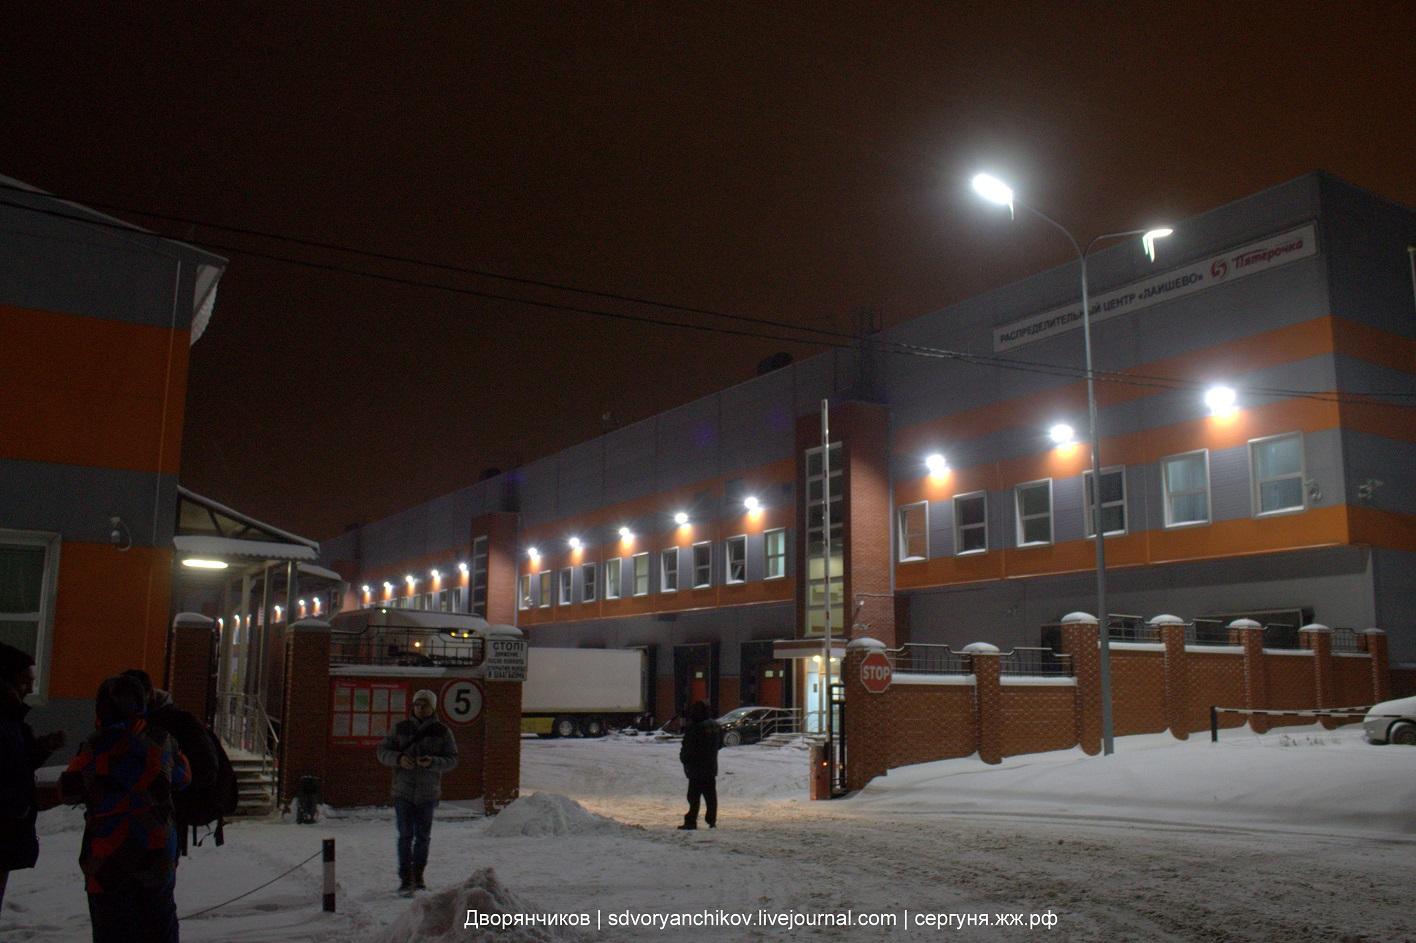 Экскурсия в распределительный центр Лаишево - X5retailgroup - 2-12-2017